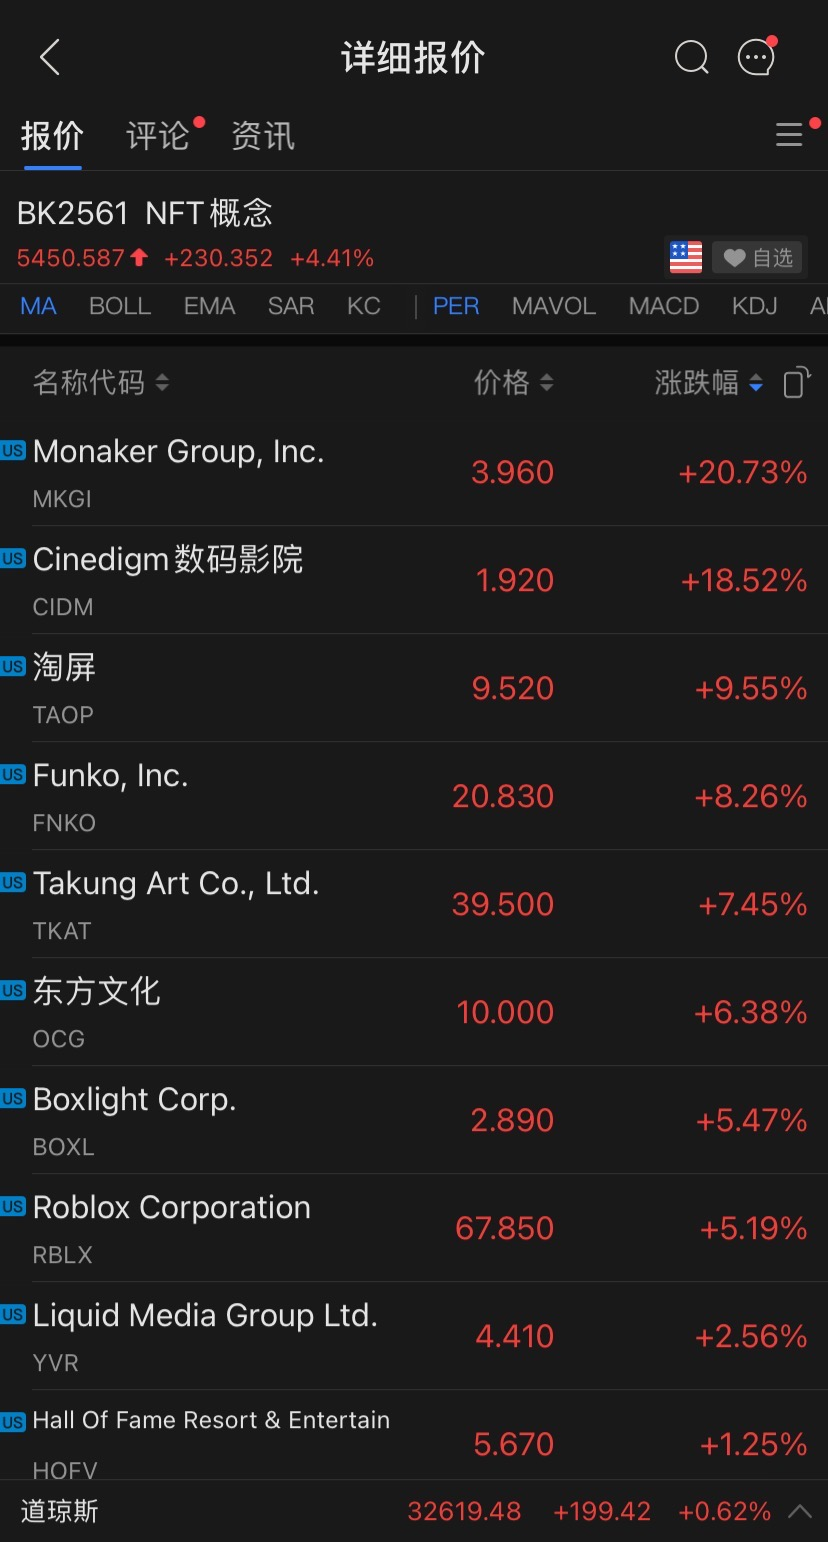 NFT概念股中的部分公司  来源:富途牛牛